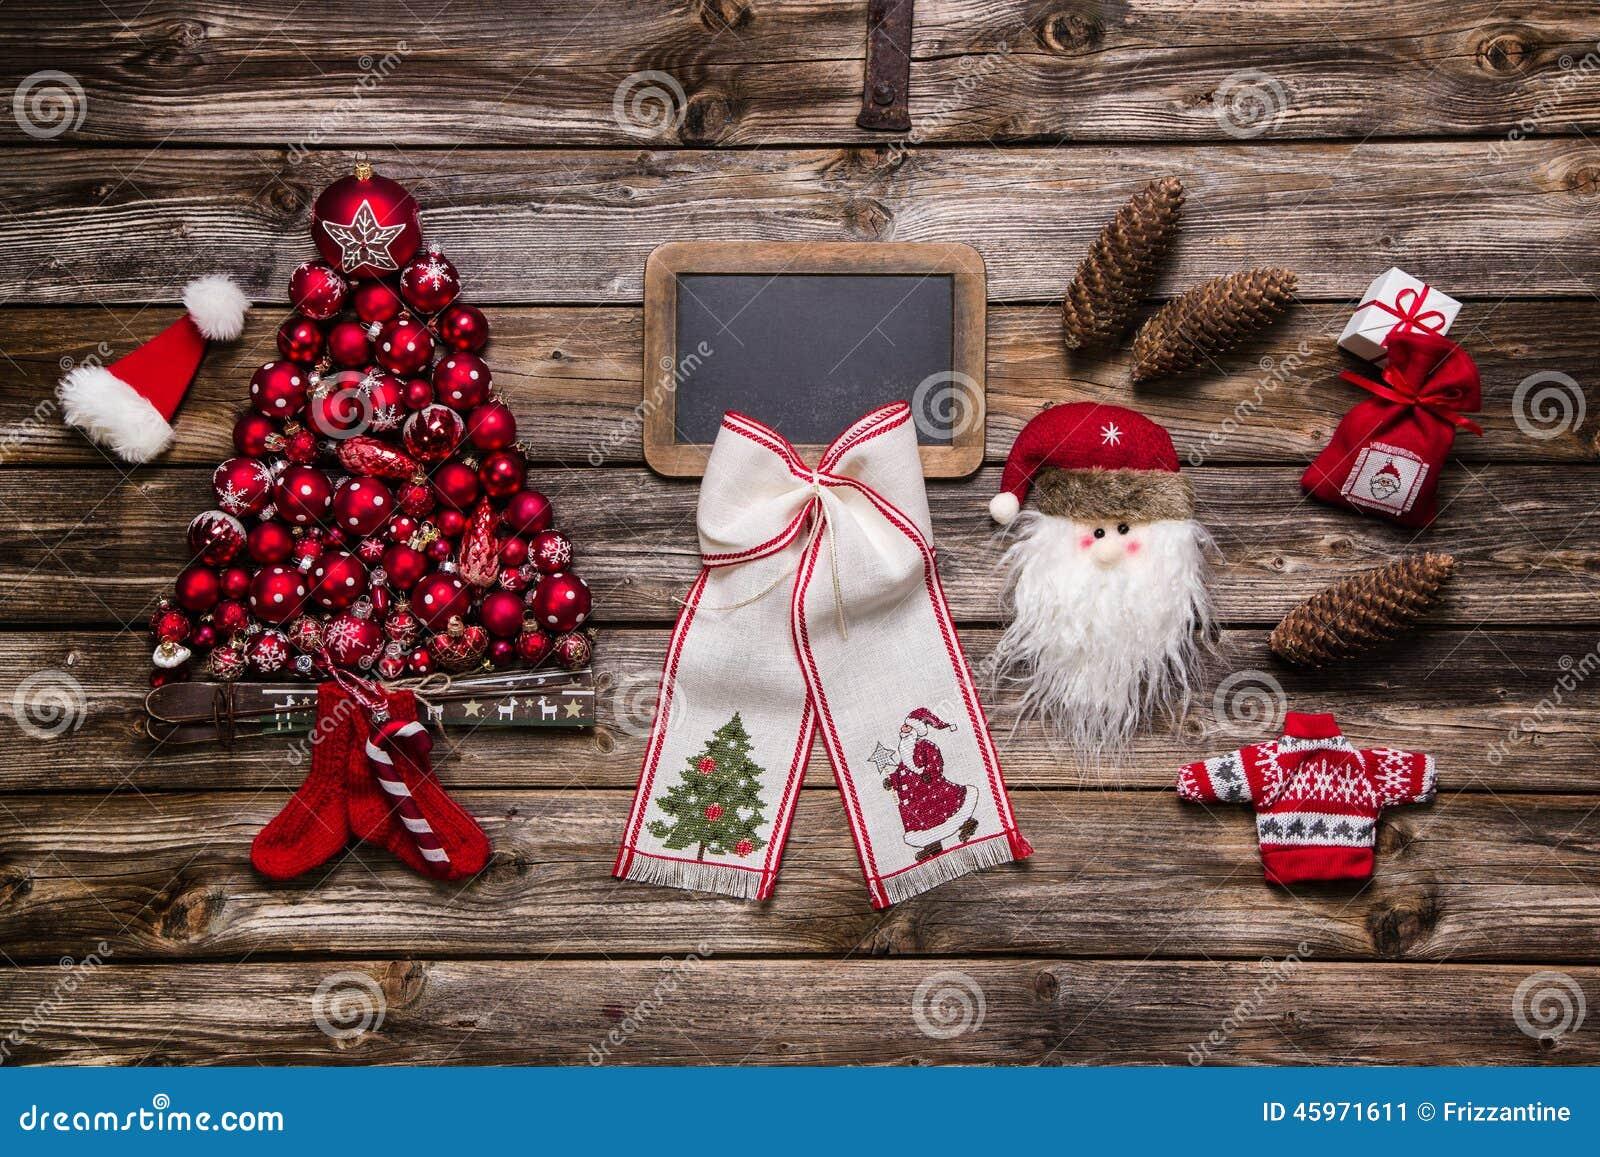 festliche nat rliche weihnachtsdekoration rot wei und. Black Bedroom Furniture Sets. Home Design Ideas